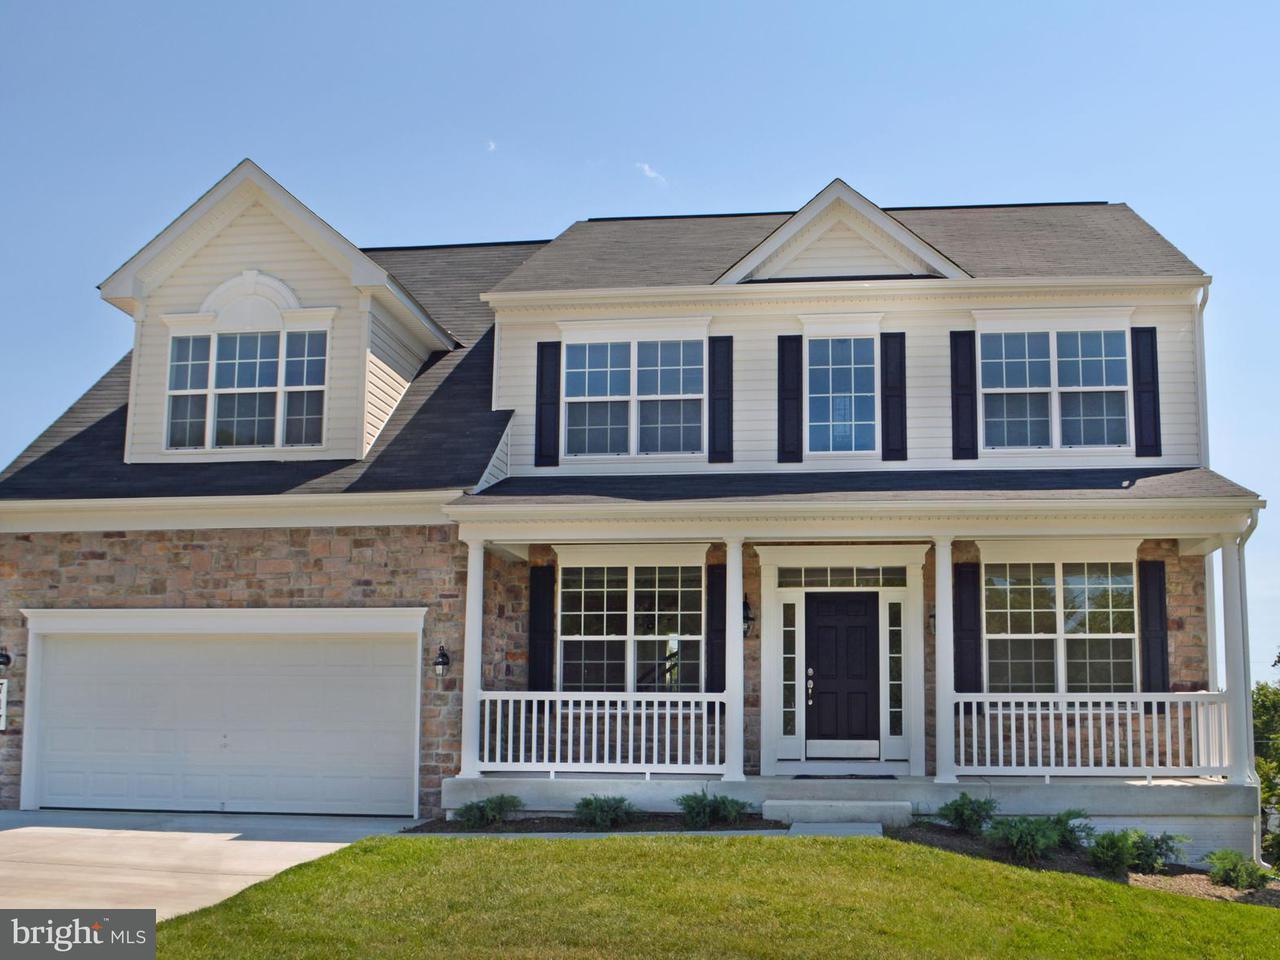 Casa Unifamiliar por un Venta en 2021c Whiteford 2021c Whiteford Whiteford, Maryland 21160 Estados Unidos